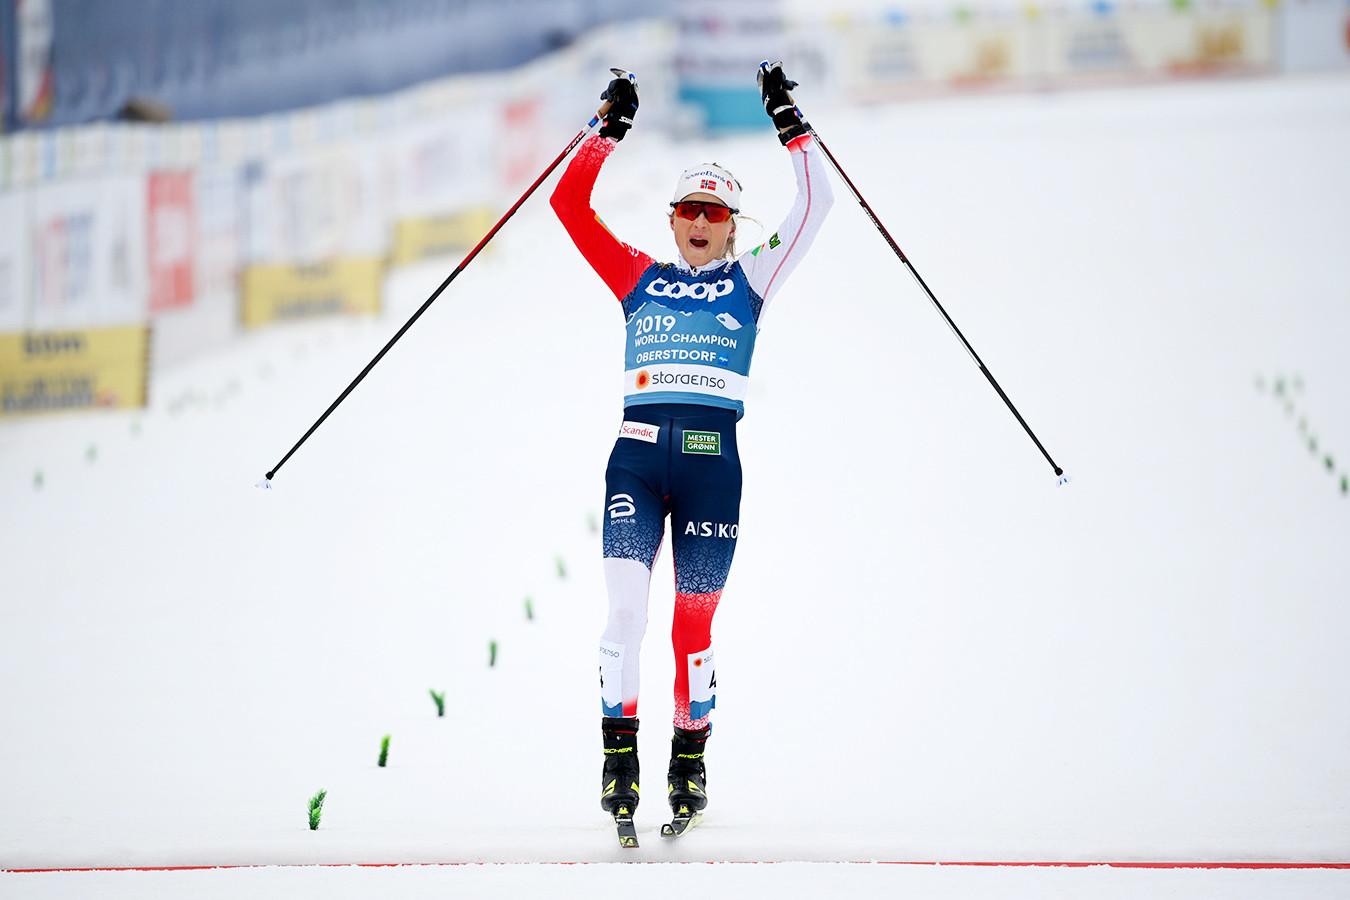 Йохауг выиграла скиатлон на лыжном чемпионате мира, Сорина — восьмая